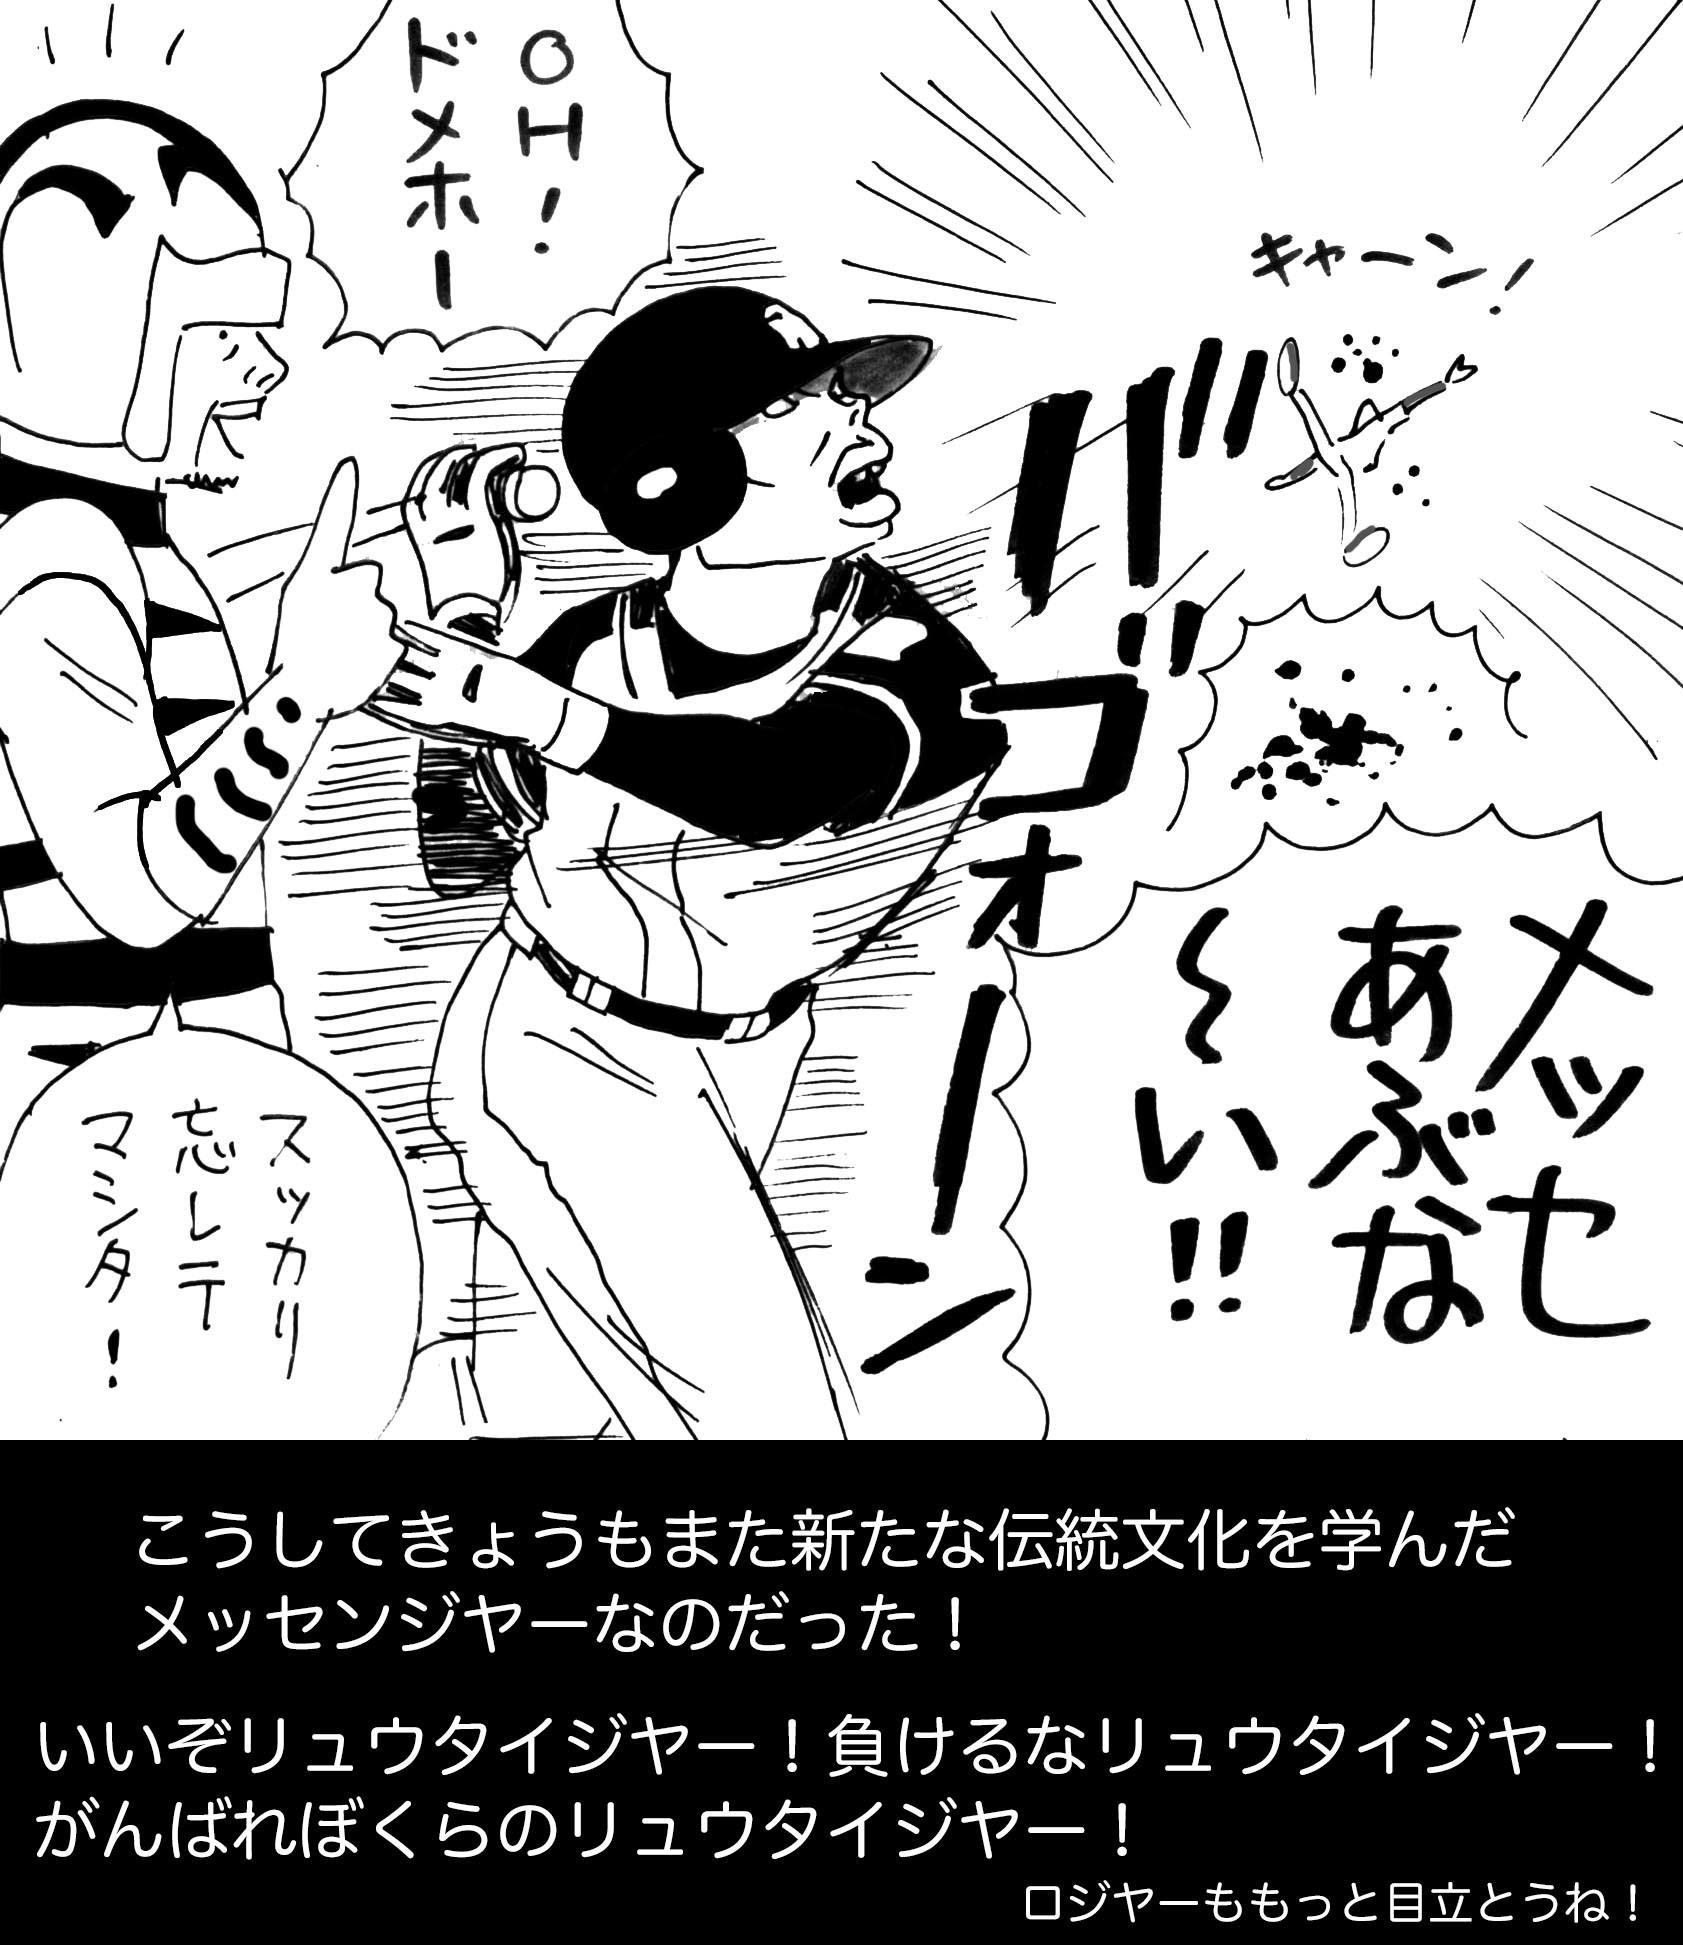 7月29日(土)【中日-阪神】(ナゴヤドーム)2ー4◯_f0105741_15472714.jpg